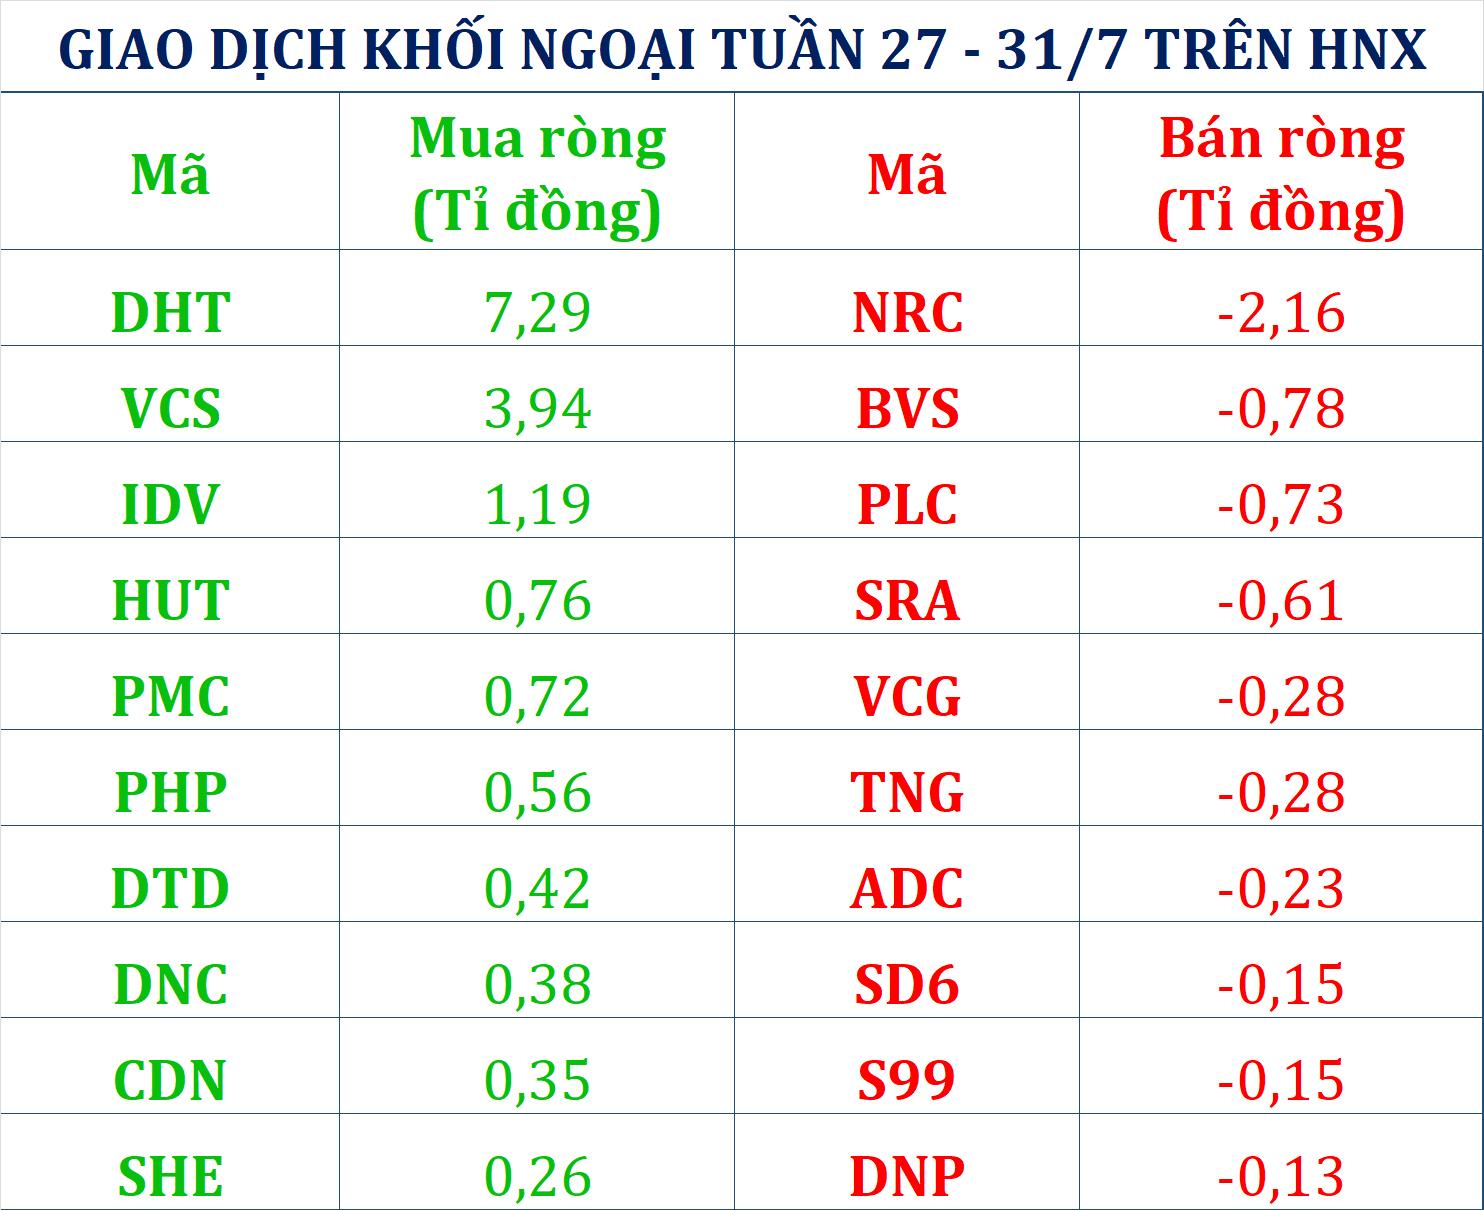 Khối ngoại tranh thủ gom 780 tỉ đồng tuần chứng khoán Việt Nam chao đảo vì COVID-19 - Ảnh 2.